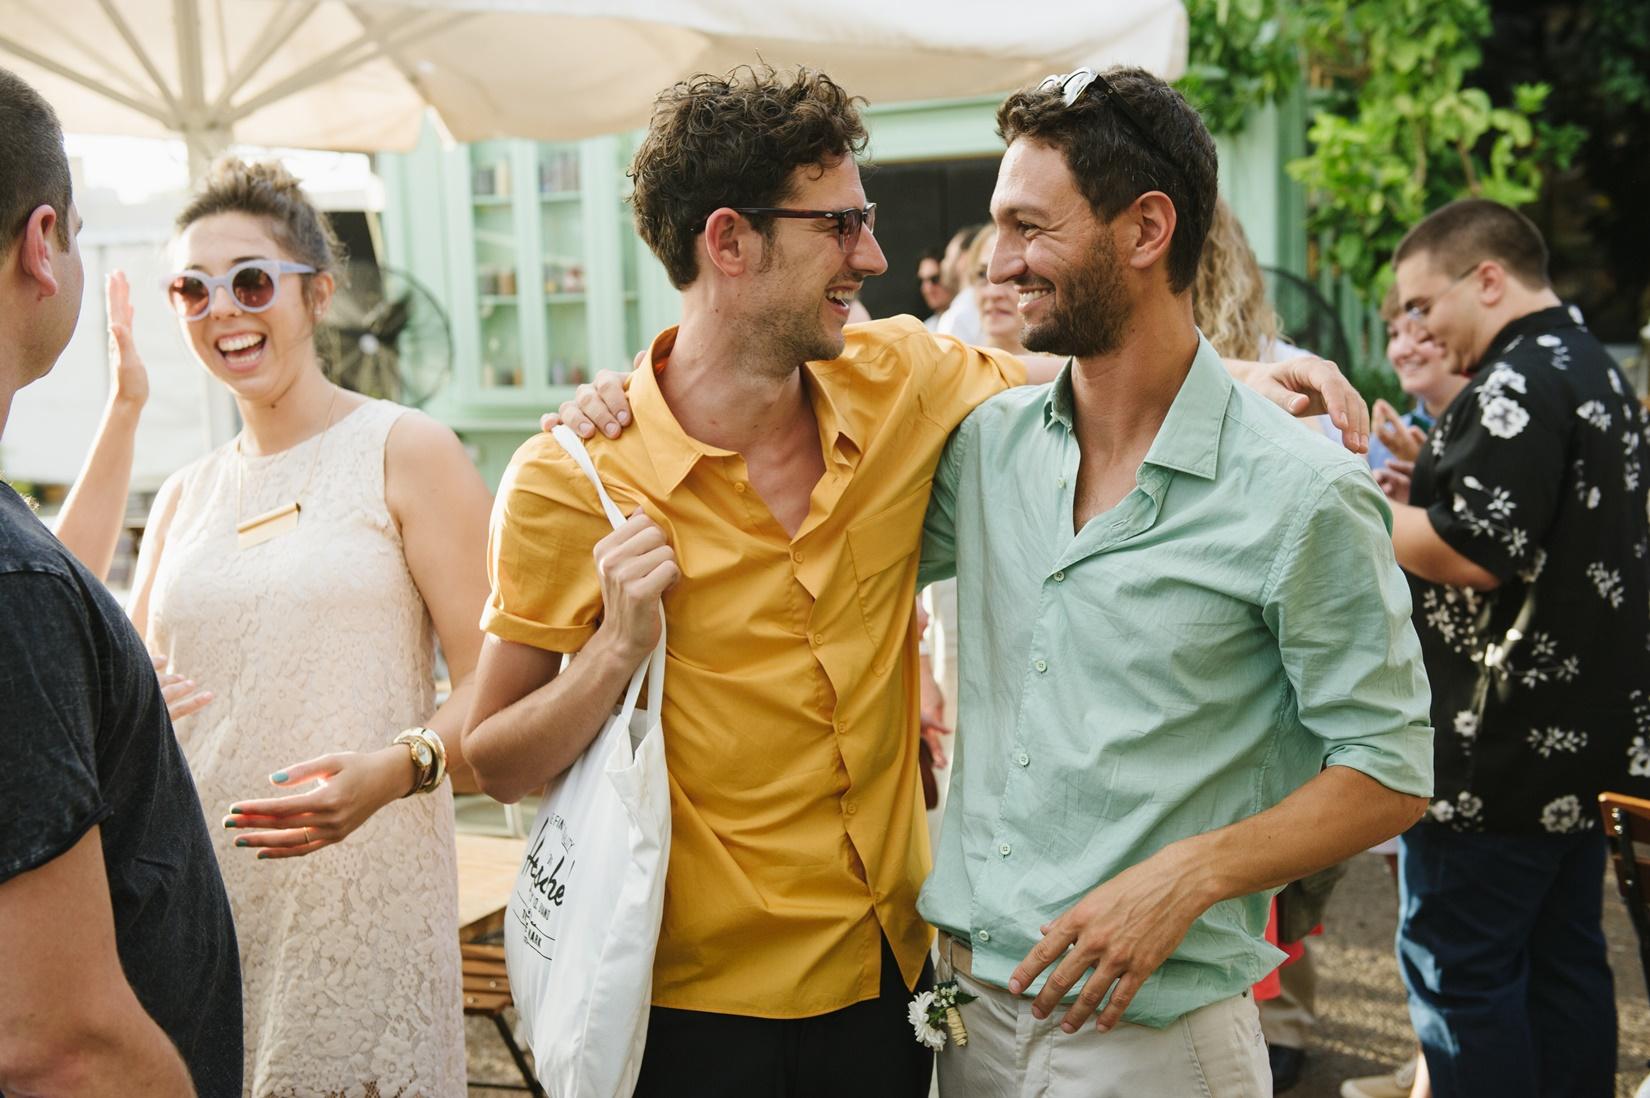 חופשי על הבר: 8 דברים שצריך לדעת כשמתחתנים בבר